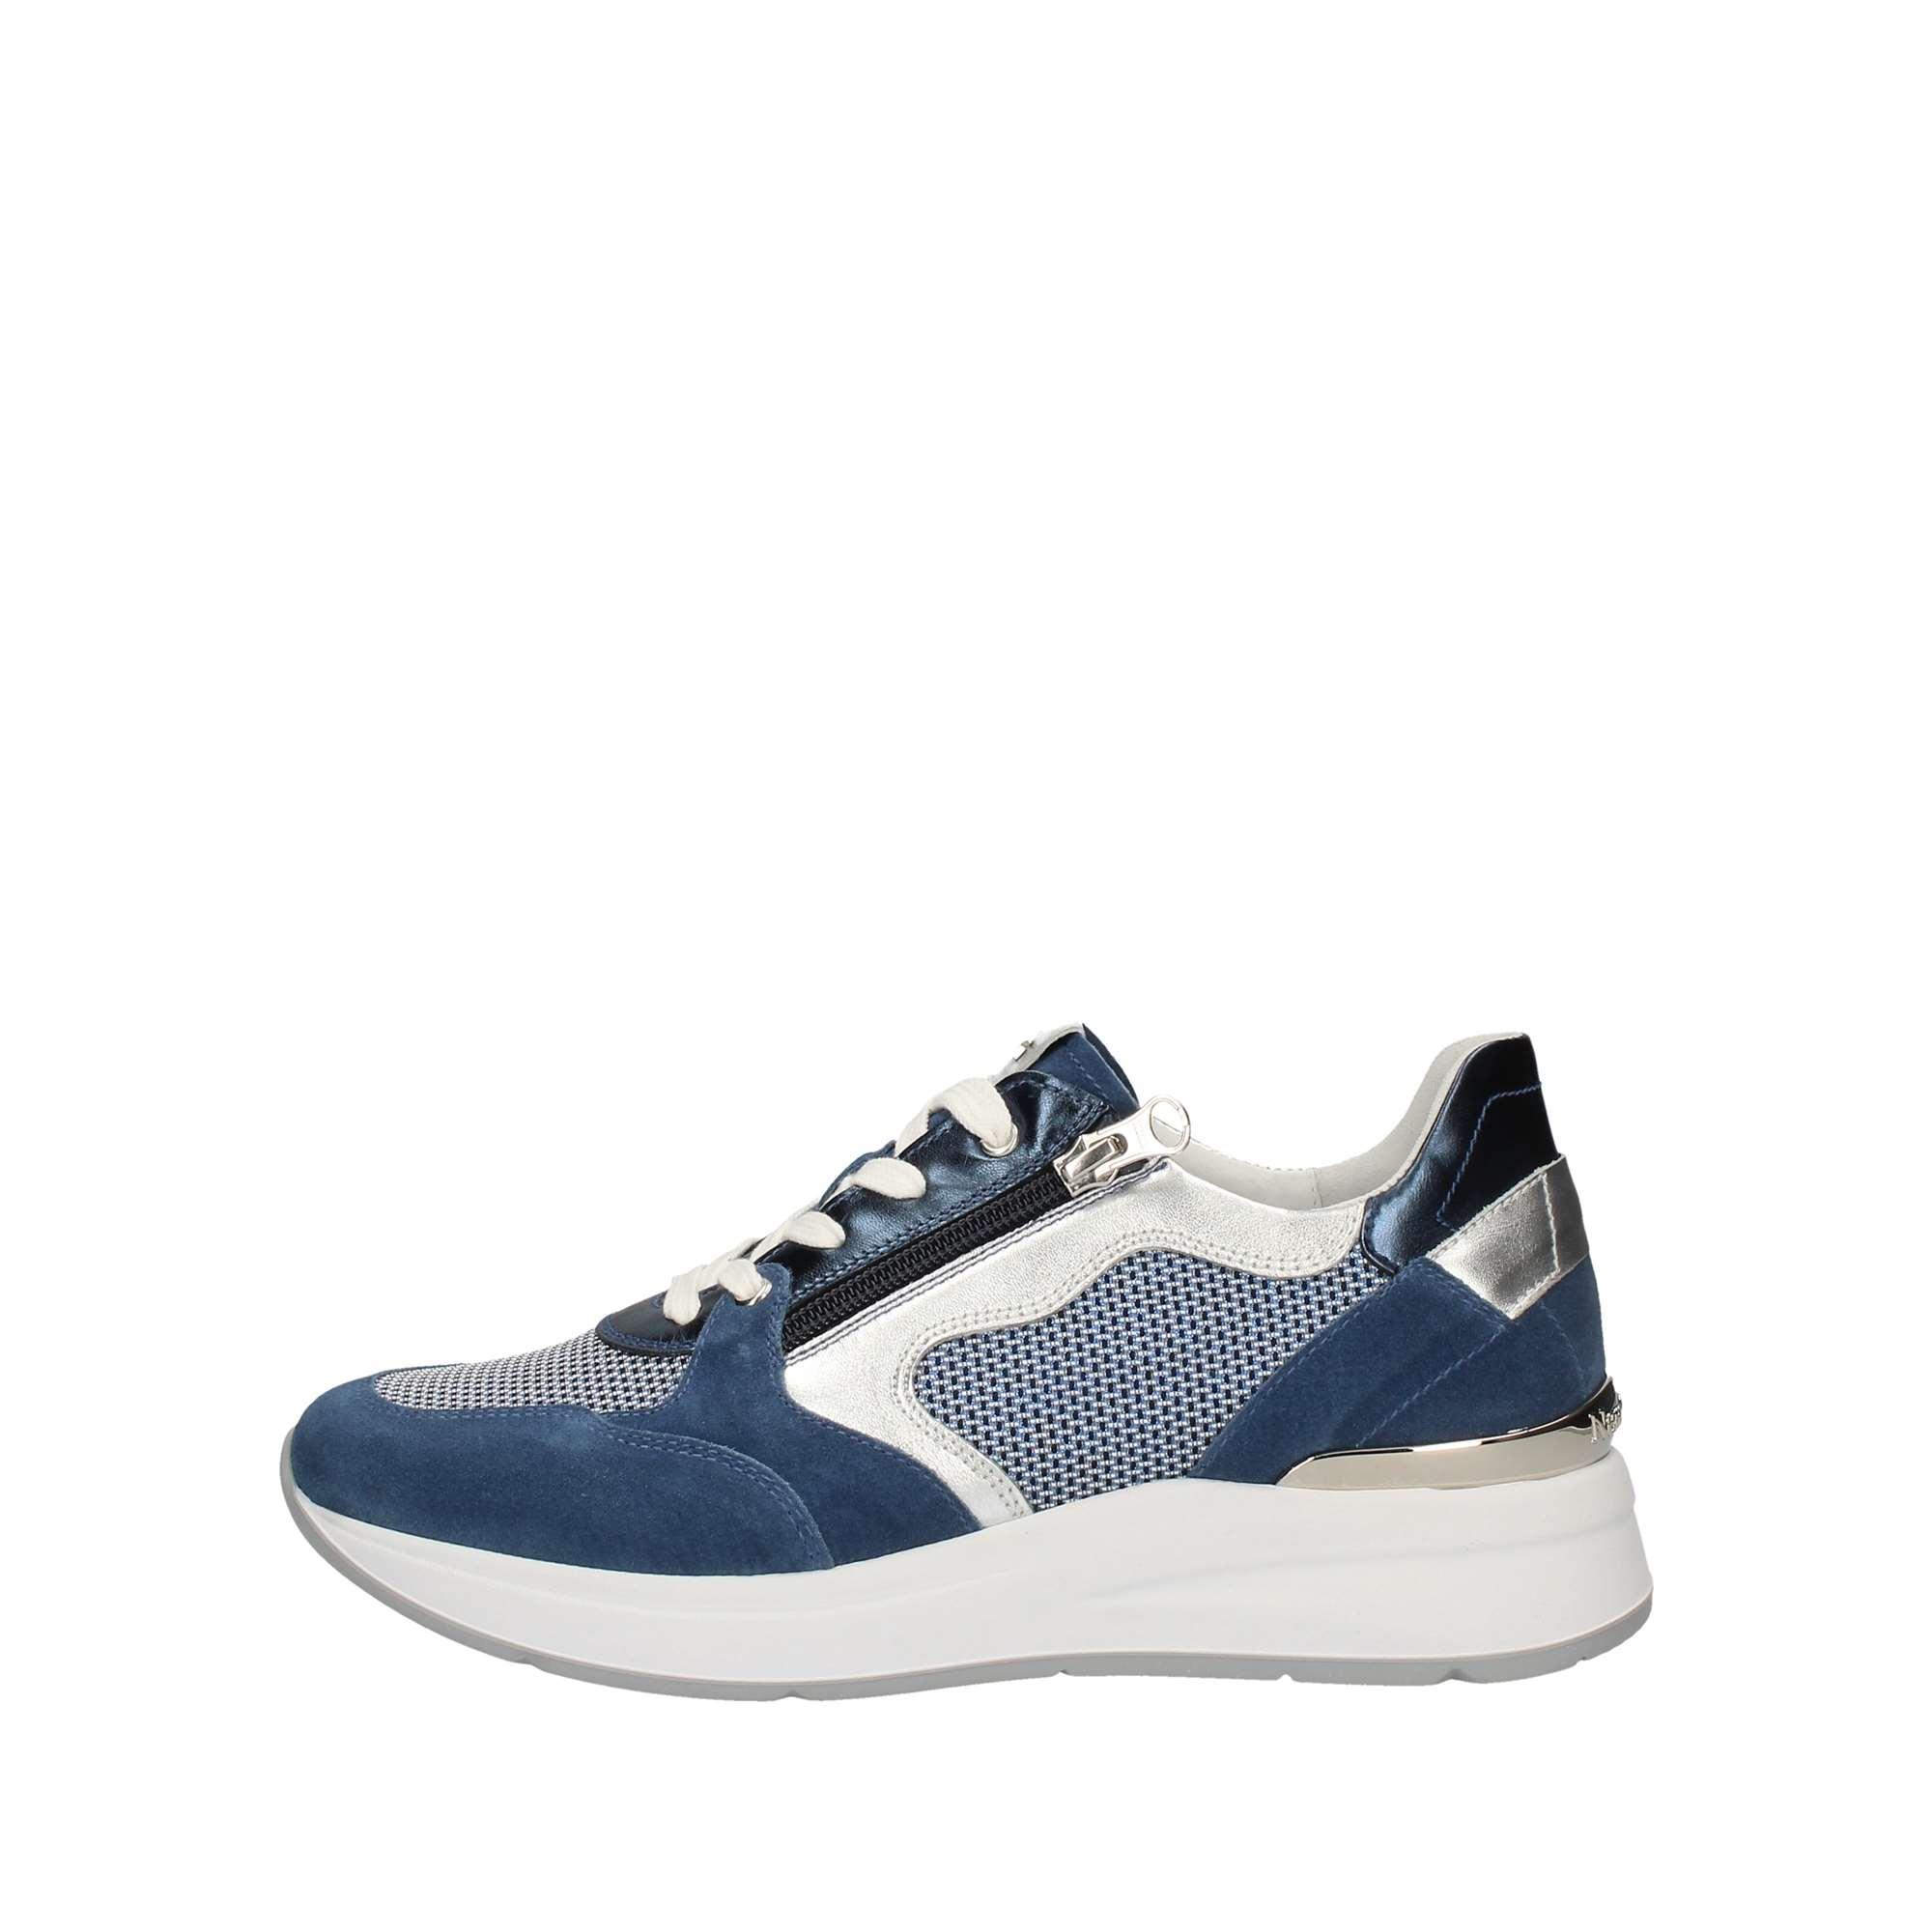 2ad76bfebc Nero Giardini Sneakers Donna P907722D   Acquista ora su Sorrentino ...